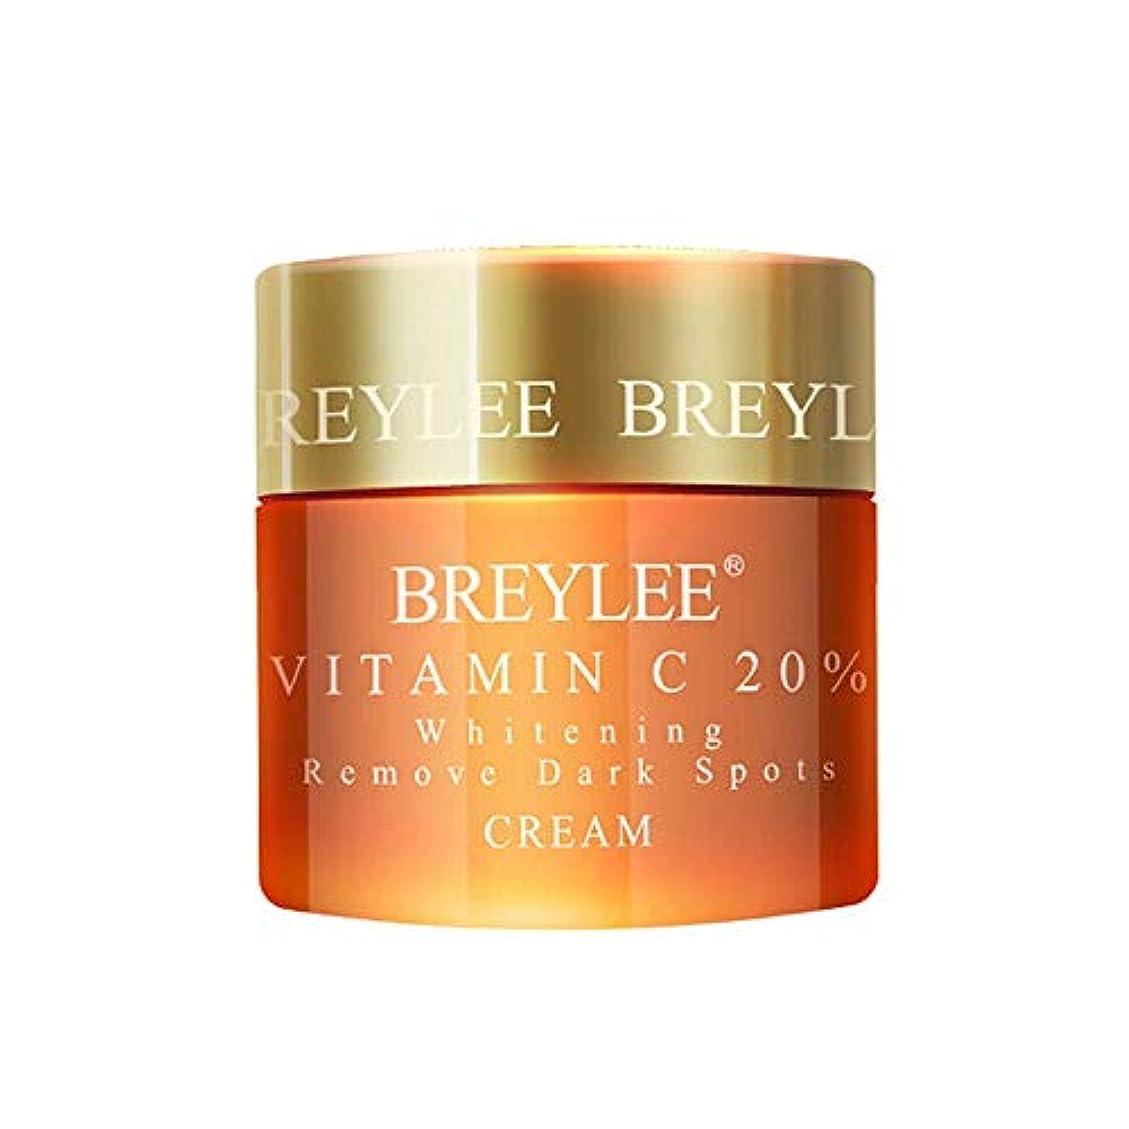 ジェームズダイソンタックル召集するBREYLEE ヒアルロン酸 保湿クリーム 20%ビタミンC配合 美白 皮膚の引き締め (ビタミンC)